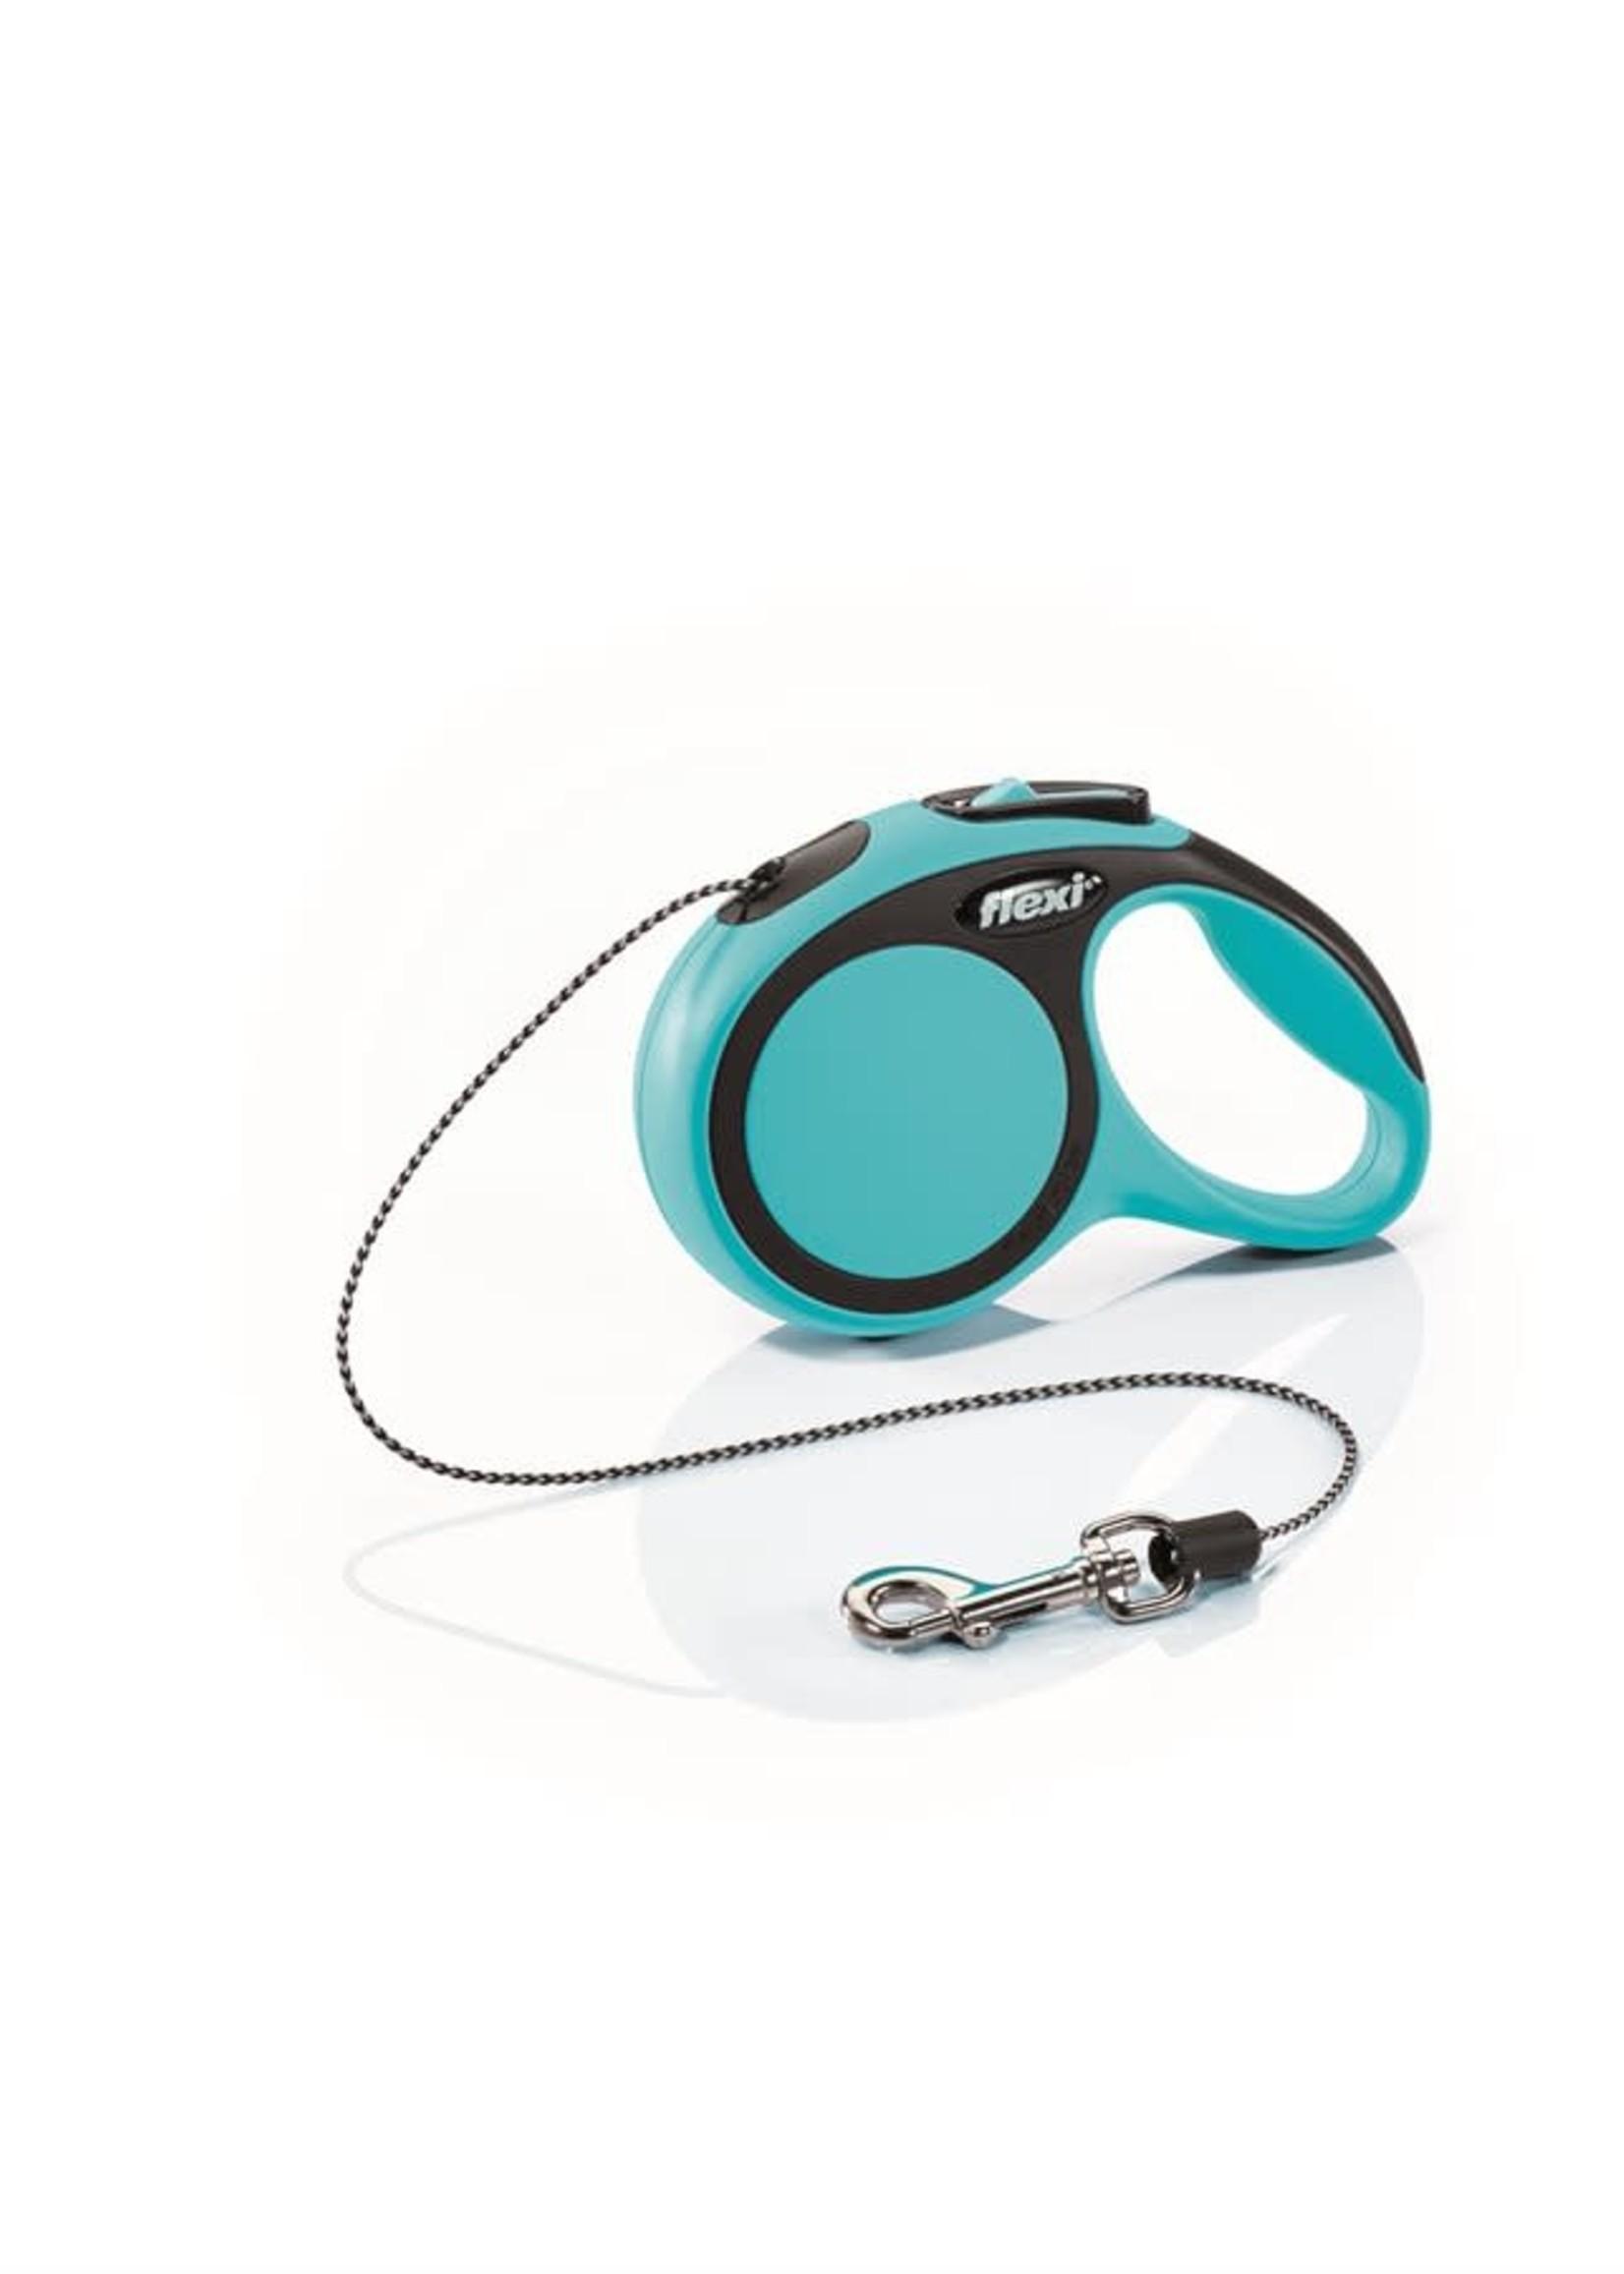 Flexi® Flexi Retractable Leash Comfort Cord X-Small